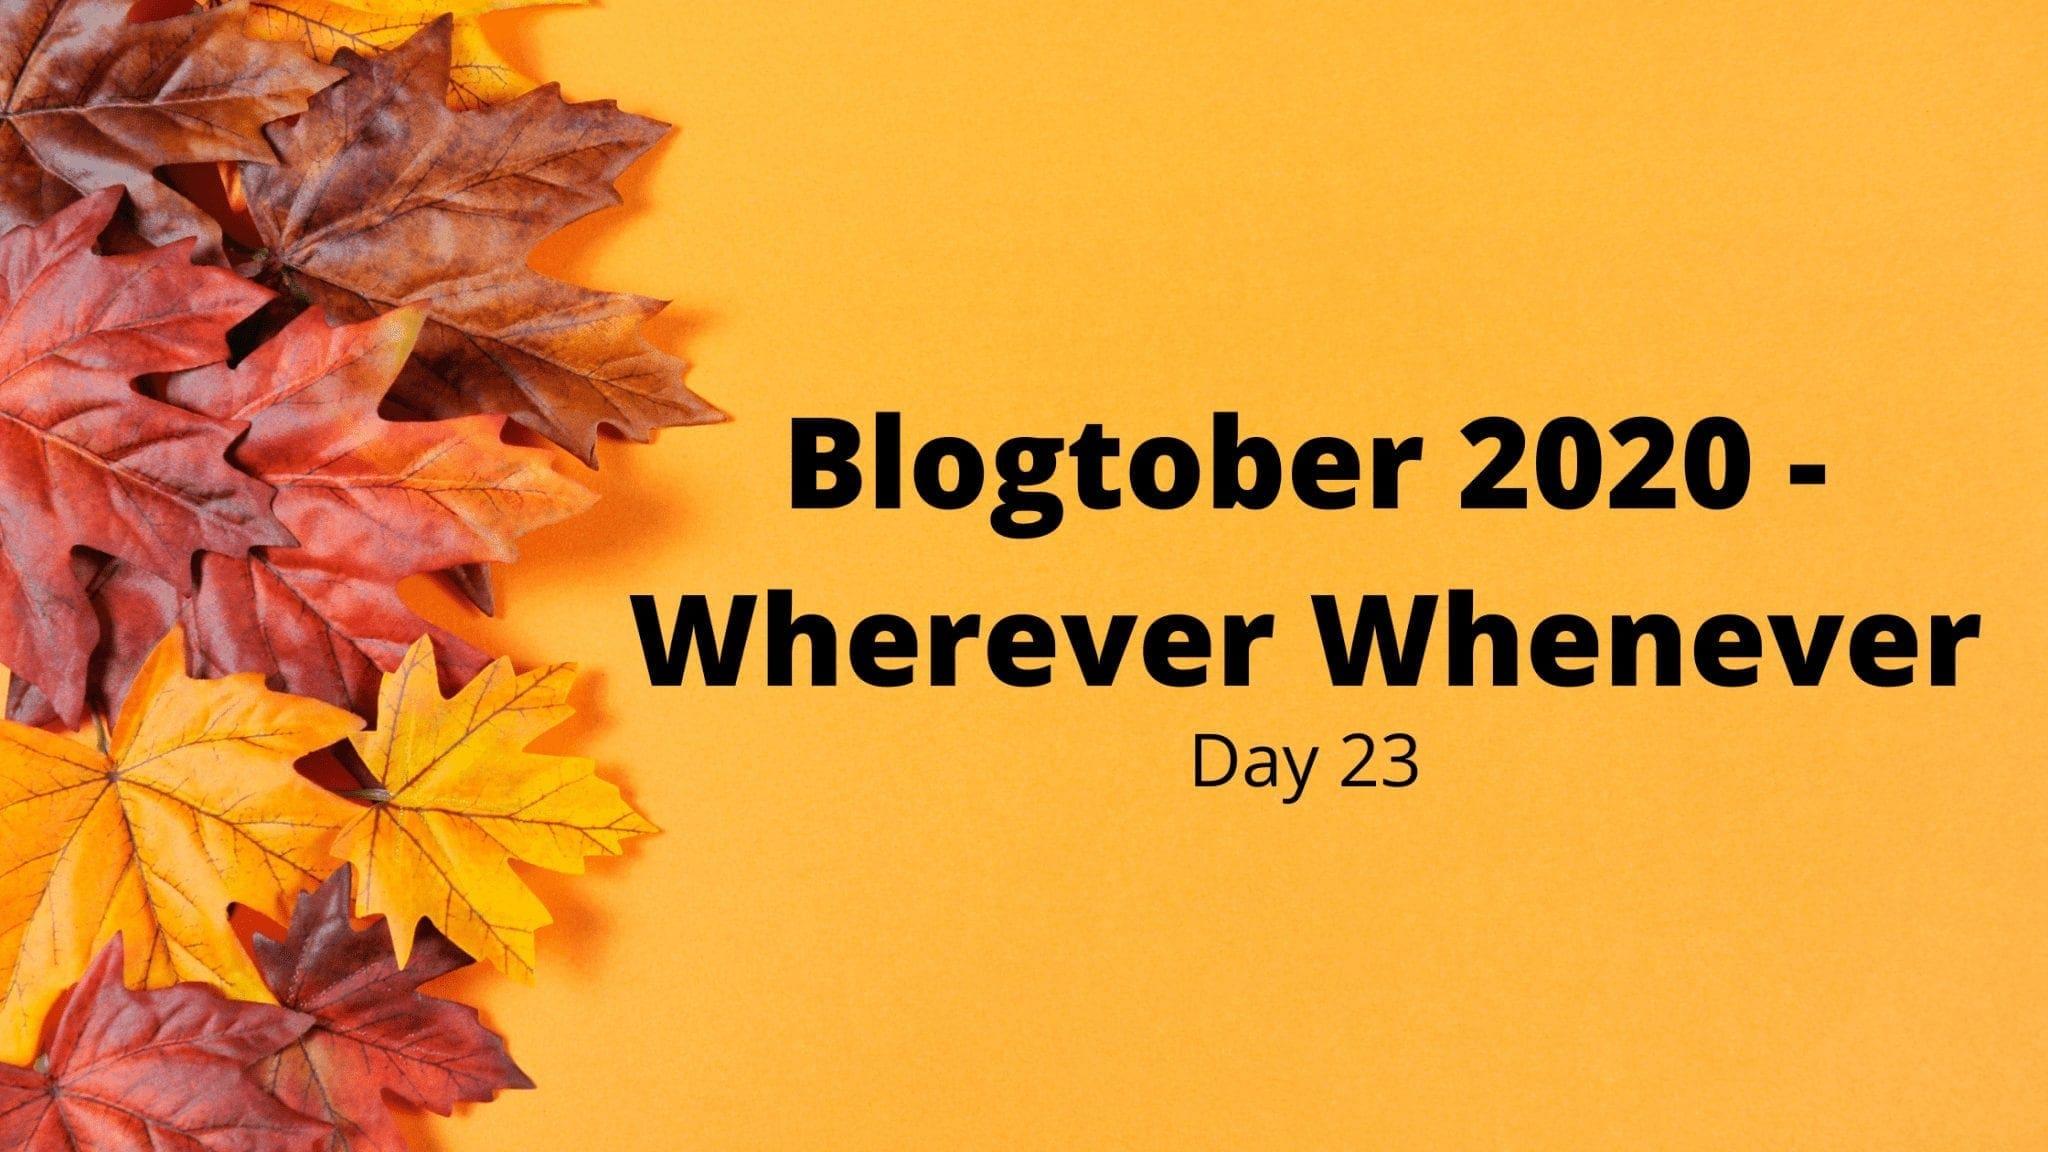 Blogtober 2020 - Wherever Whenever